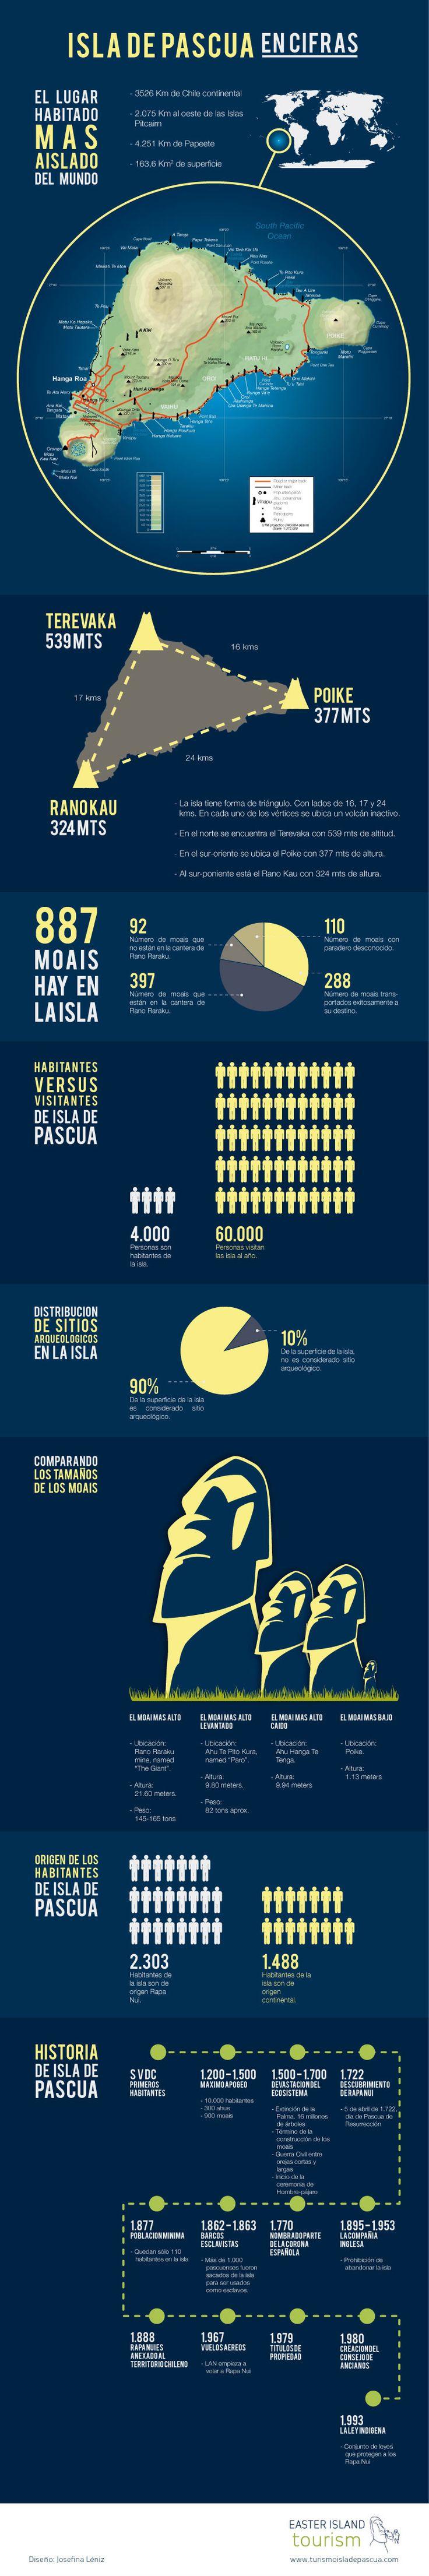 Razones para visitar la Isla de Pascua #infografia